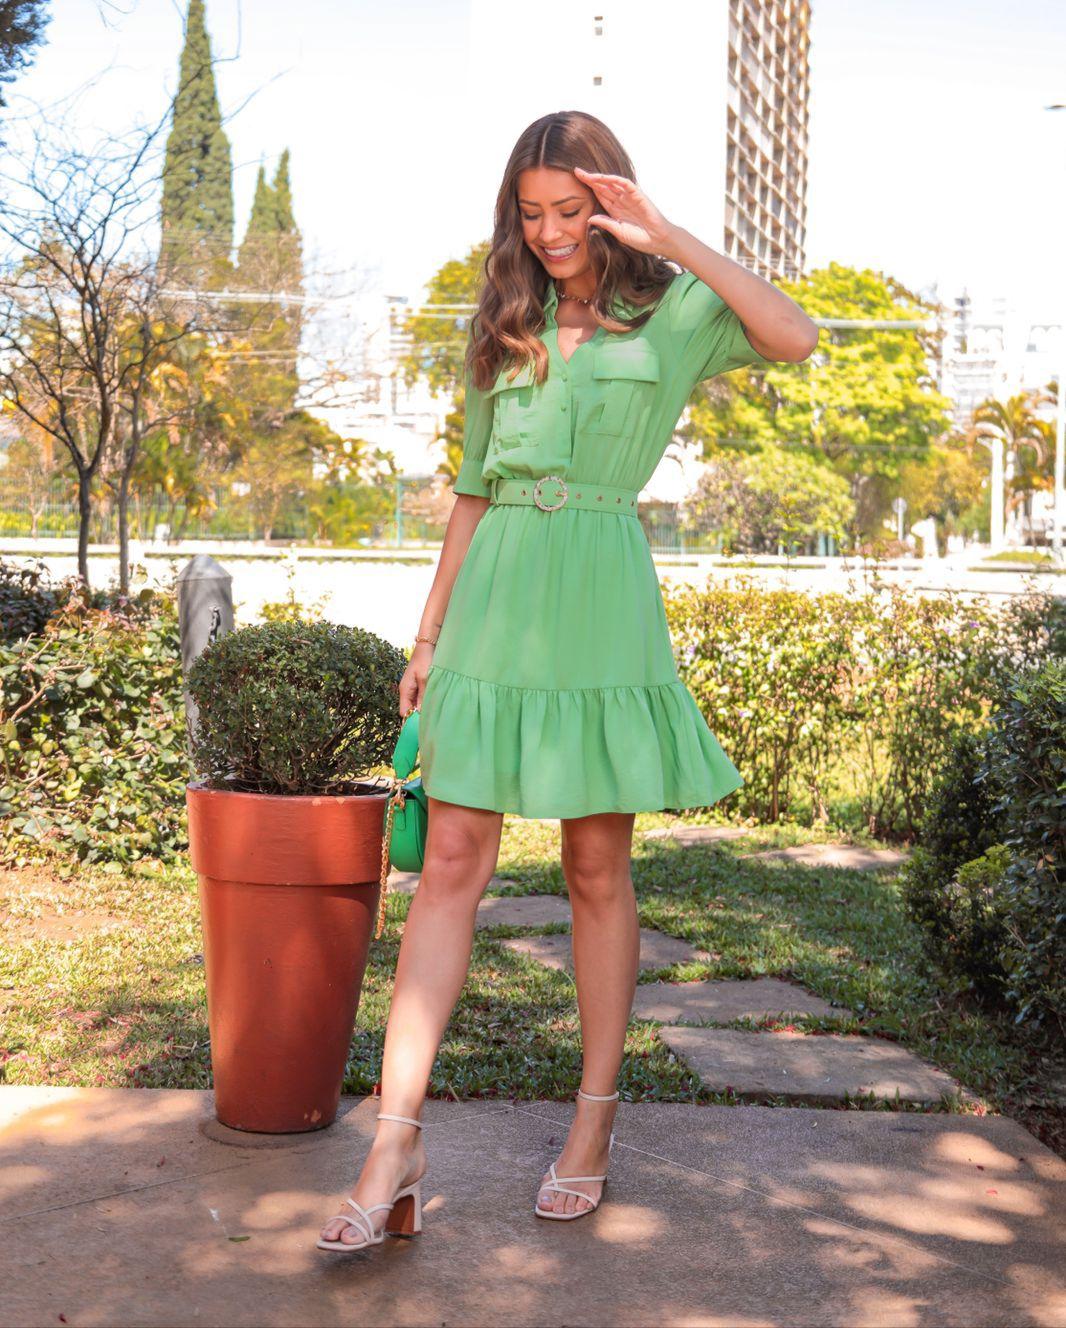 Vestido Alice Crepe linen Chemise (Forro) Detalhe Golinha  Detalhe Bolsos Elastico Cintura Recortes Babados + Cinto Fivela